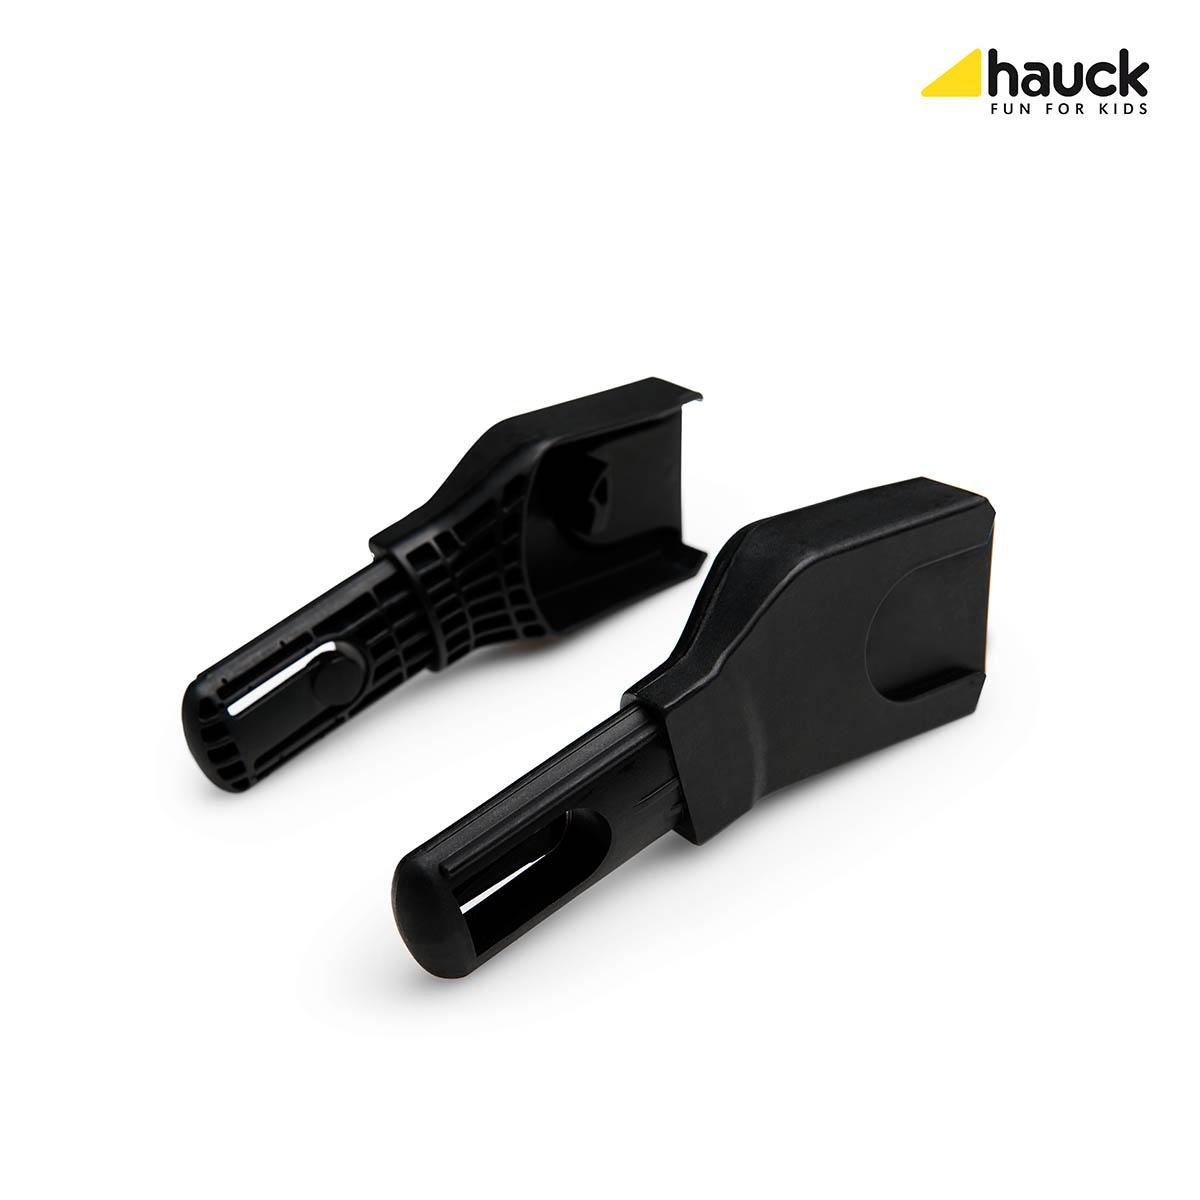 hauck adapt r na maxi cosi. Black Bedroom Furniture Sets. Home Design Ideas